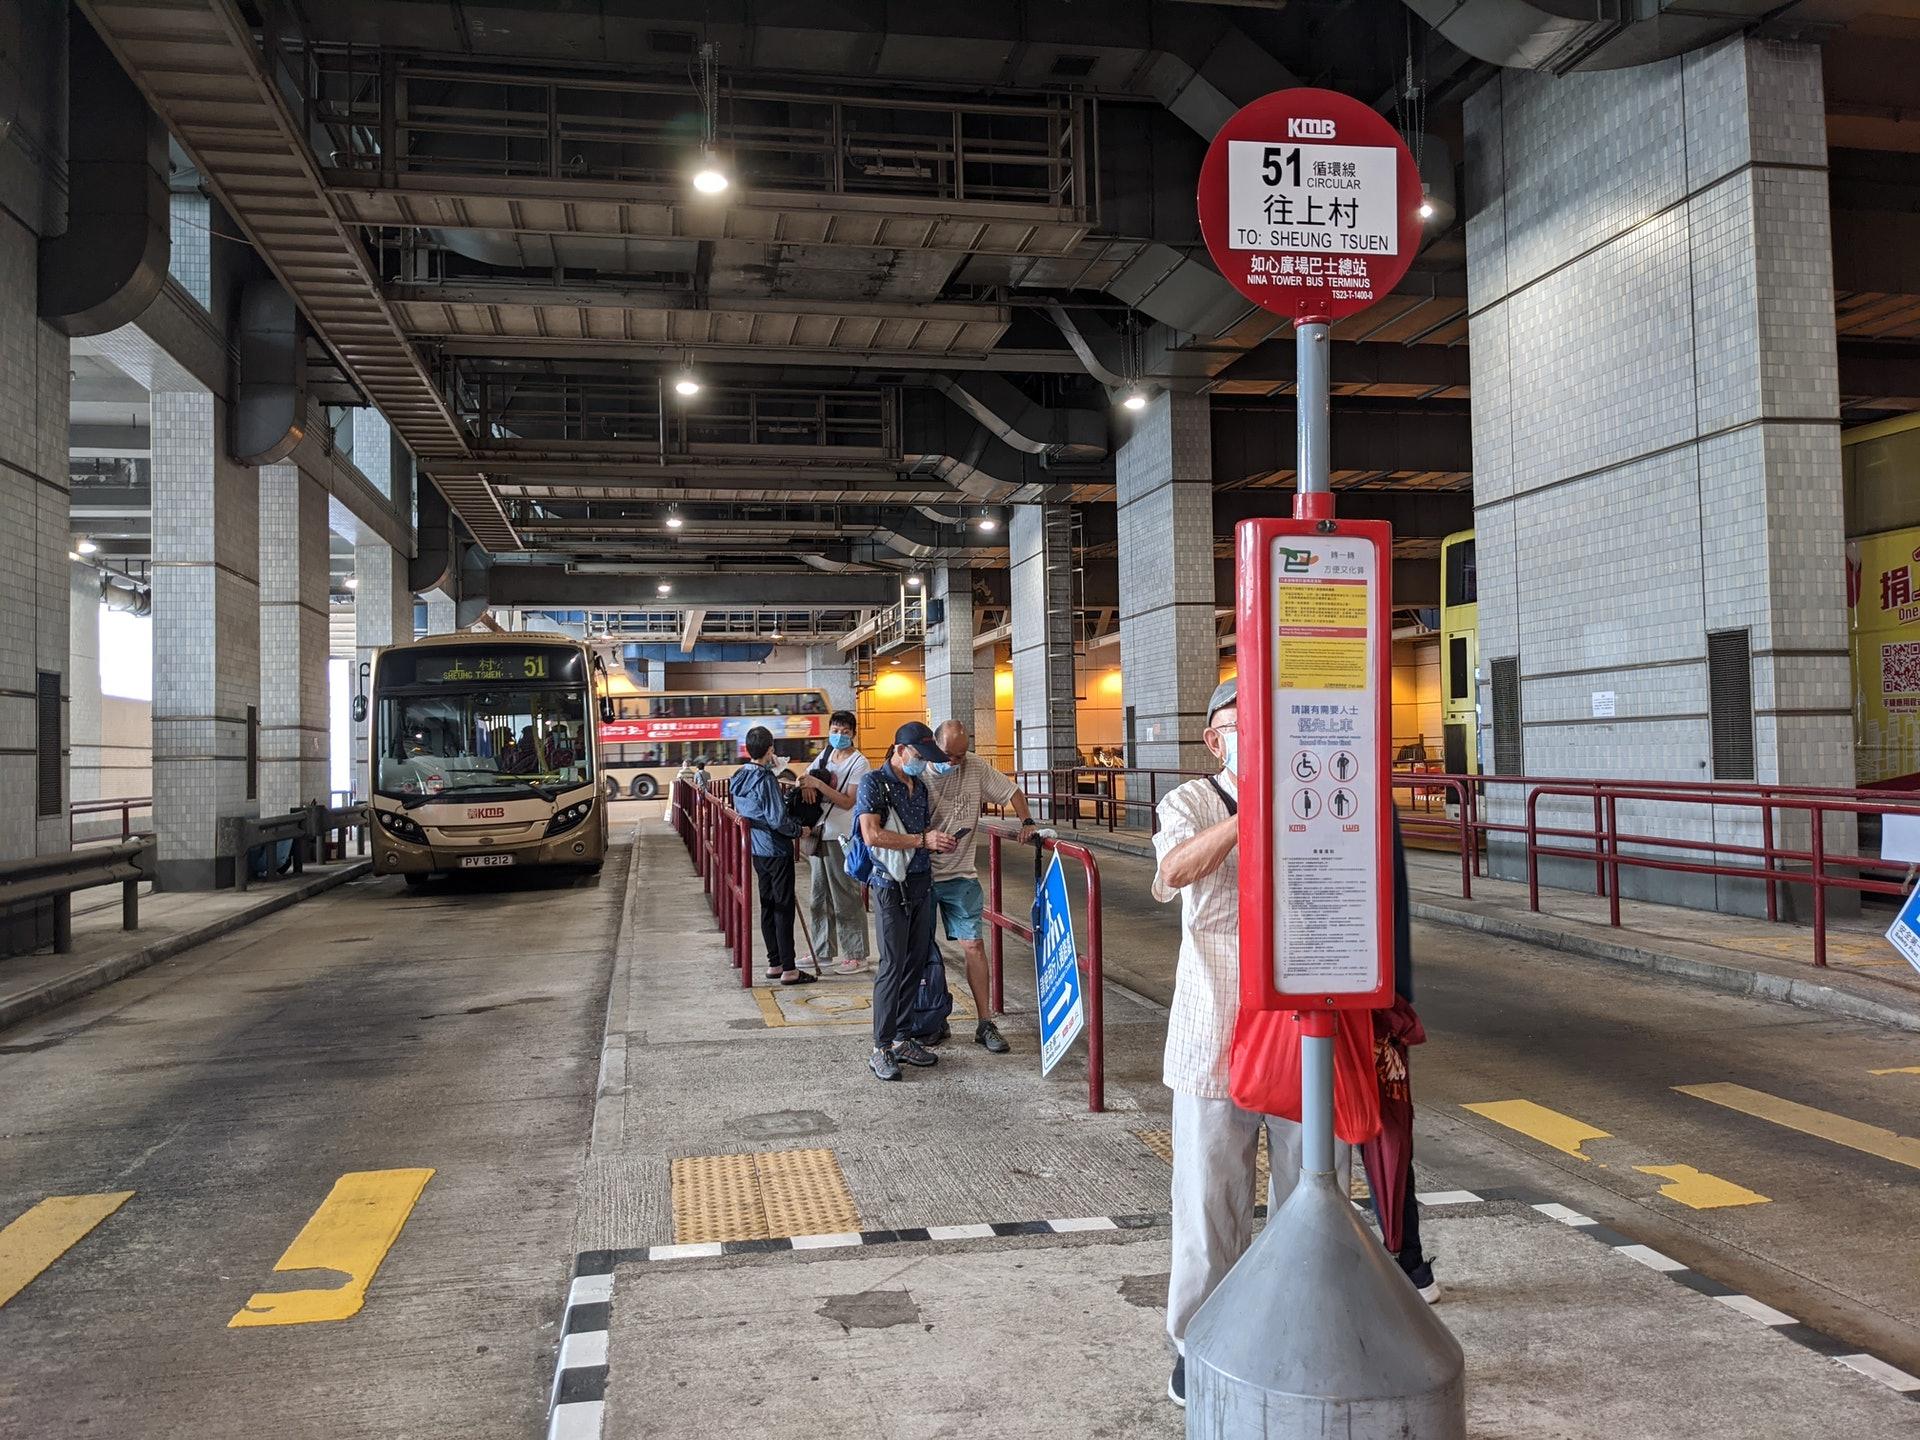 如心廣場下面的巴士總站,鄰近荃灣西巴士總站,大家千萬不要搞錯。而進去第二個位置就是51號巴士停泊處。(李琬瑩攝)